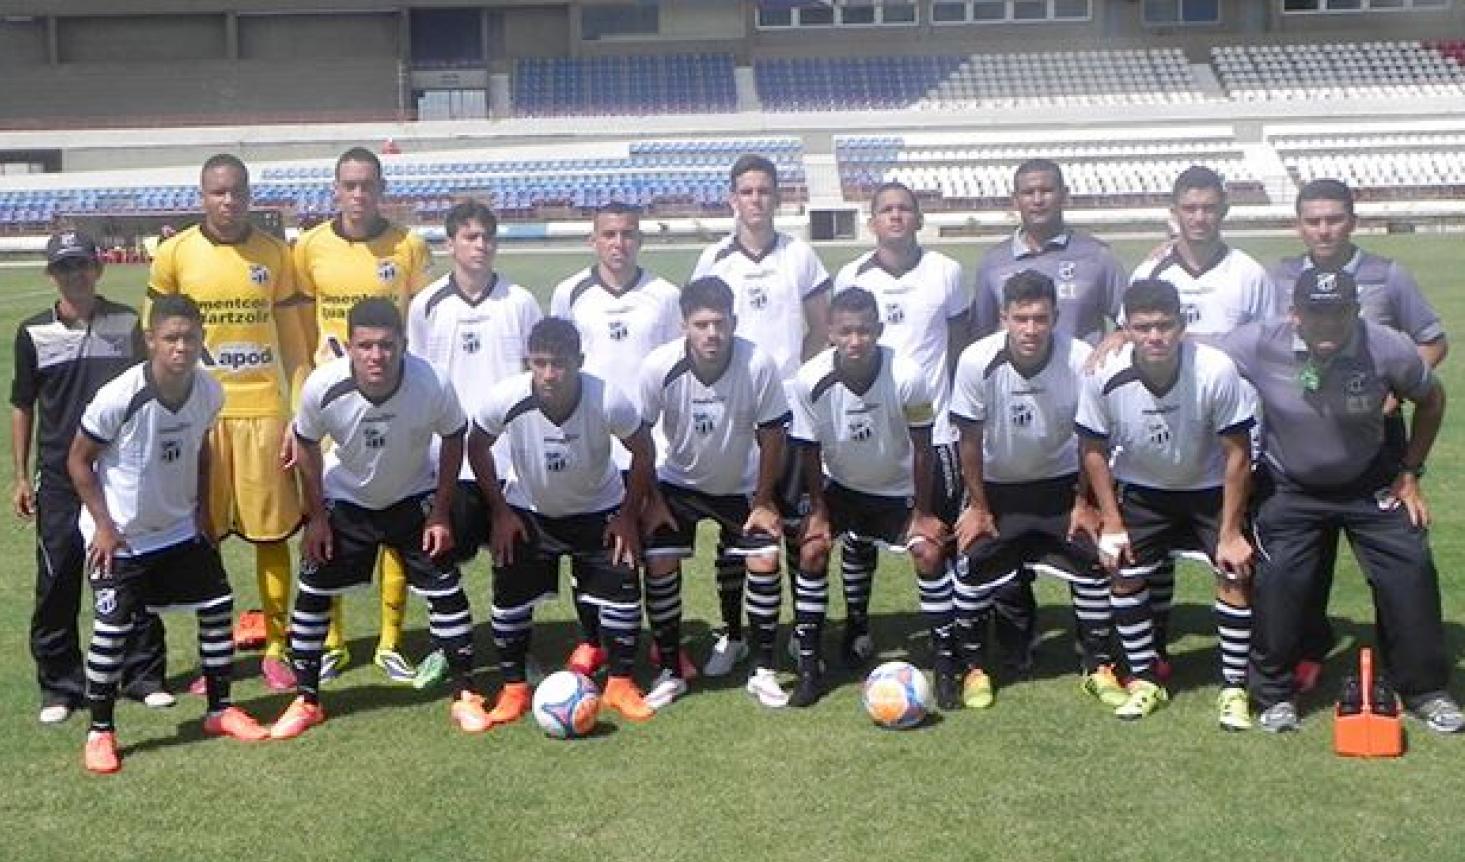 Comandado por Cristian Souza, o Ceará Sub-20 não tomou nenhum gol nos três jogos disputados até agora.